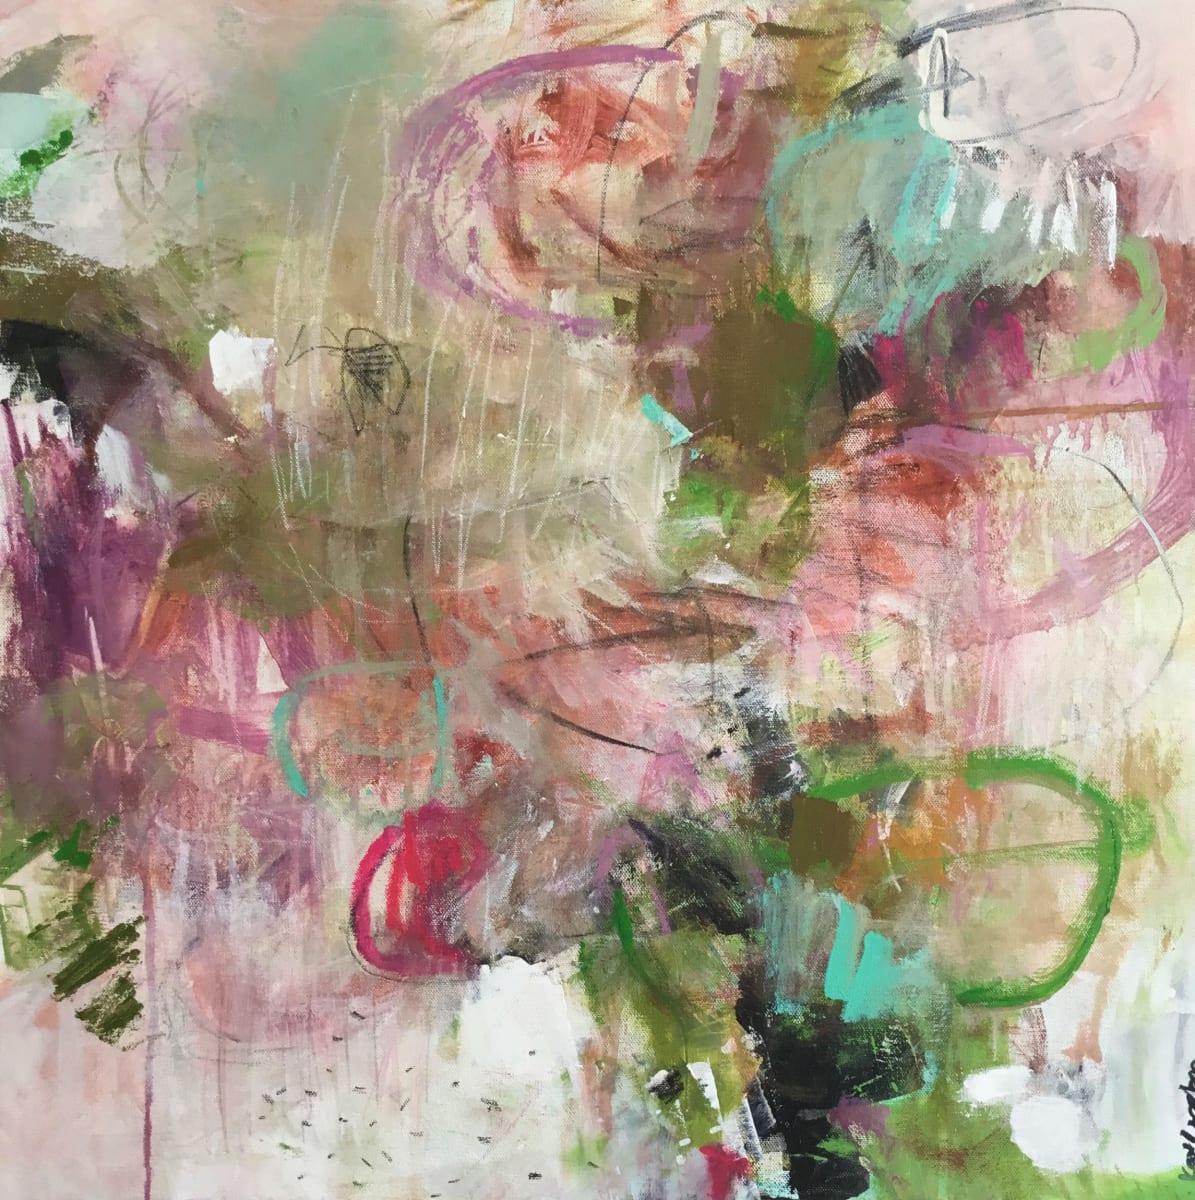 Summer Rains by Kathryn Crosby